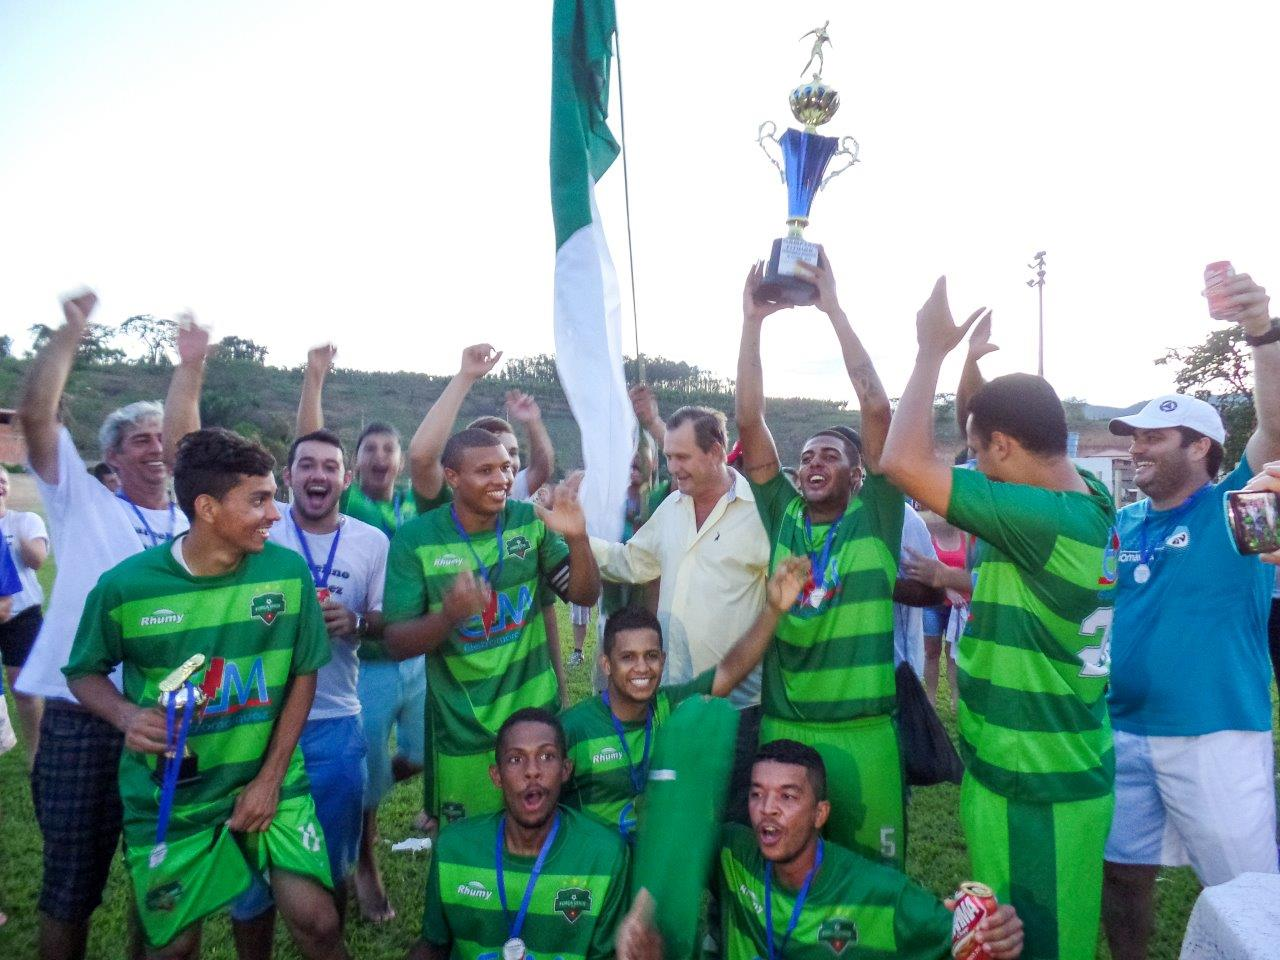 Força Verde e Santa Terezinha campeões do Campeonato Municipal de Futebol 2015